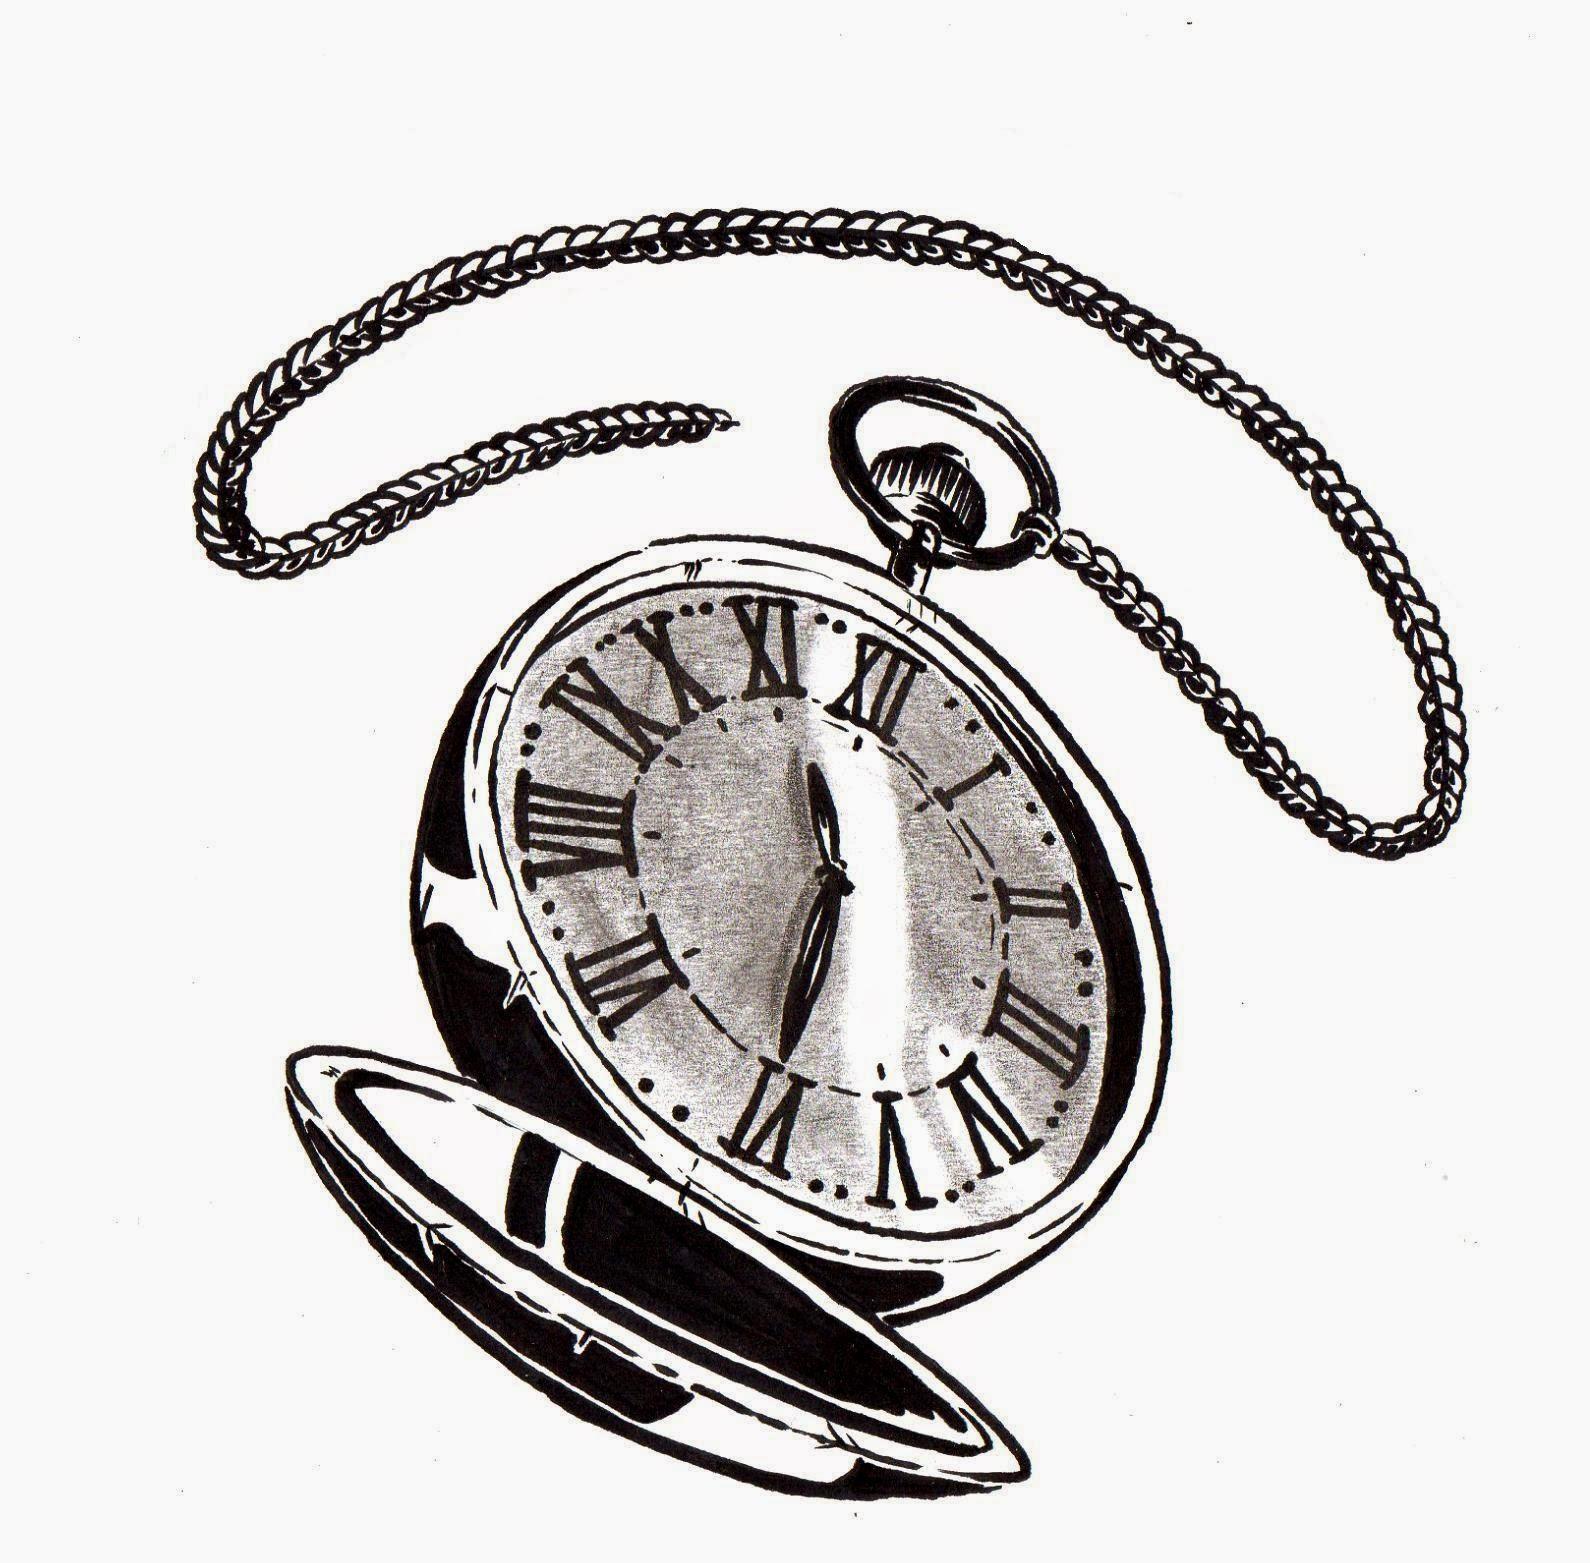 Taschenuhr skizze  SKIZZEN,ZEICHNUNGEN UND VERSUCHE: TATTOO: Taschenuhr/pocket watch ...